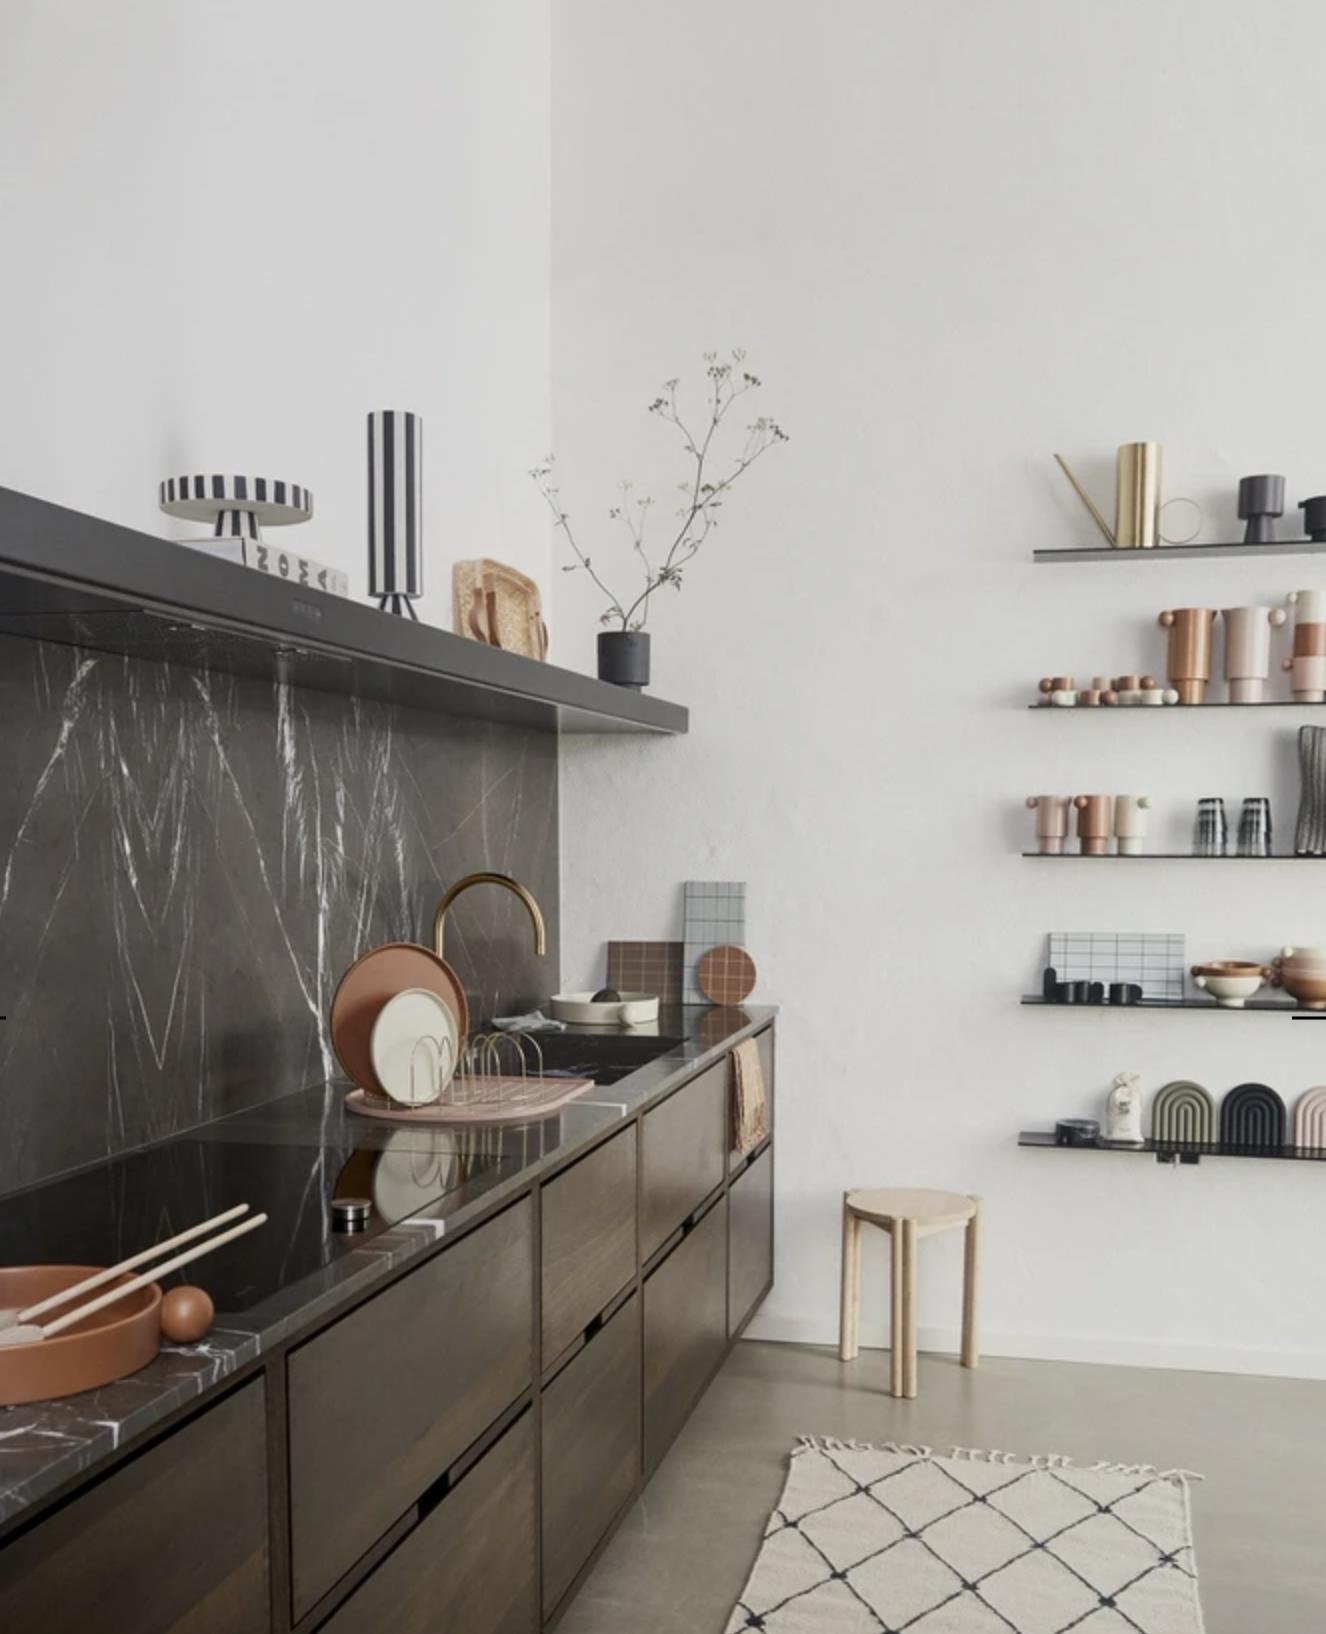 sleek dark brown cabinets with black backsplash in Scandinavian kitchen